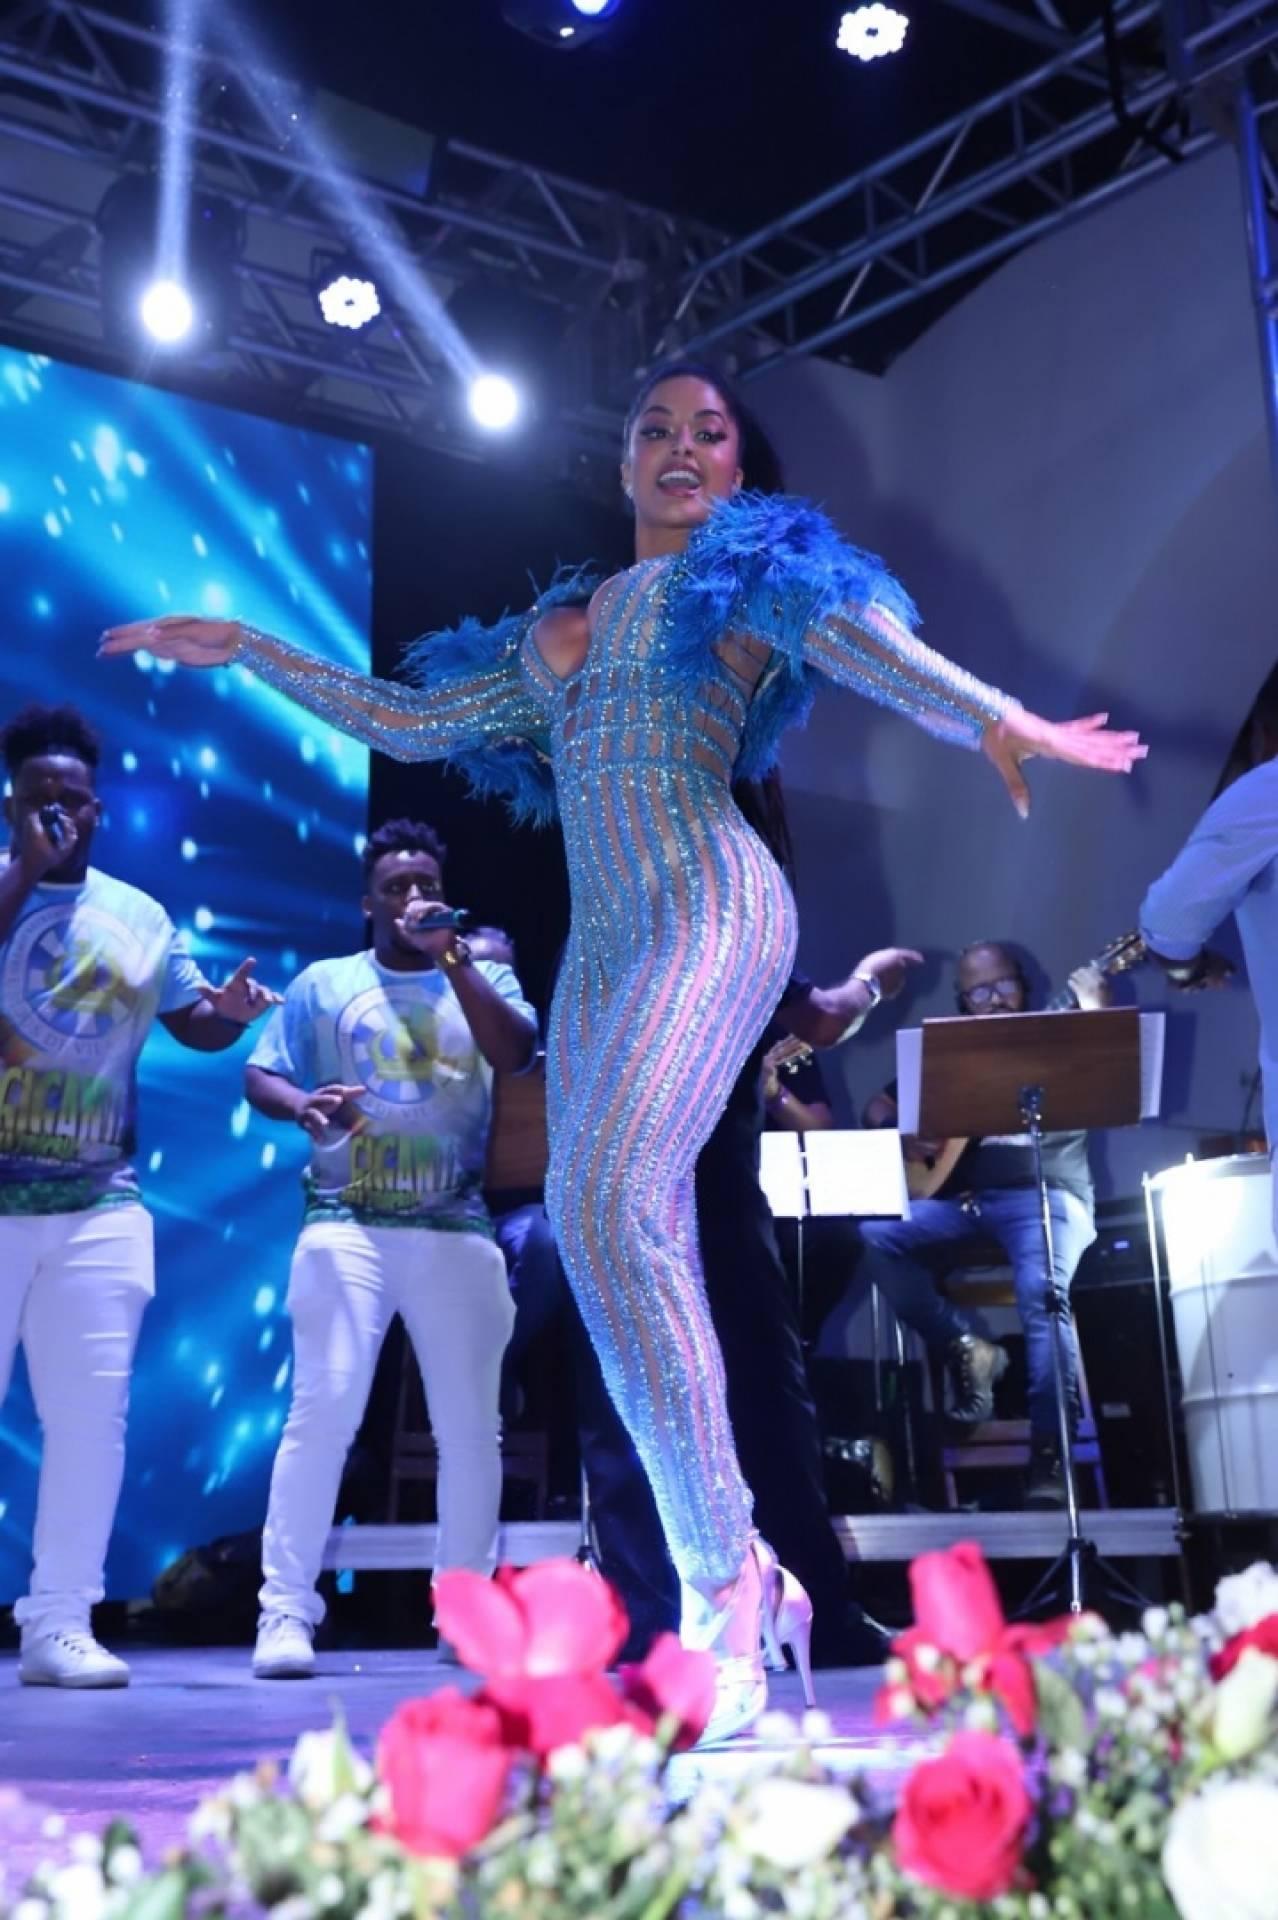 Aline Riscado no evento de lançamento do CD das escolas de samba do Rio